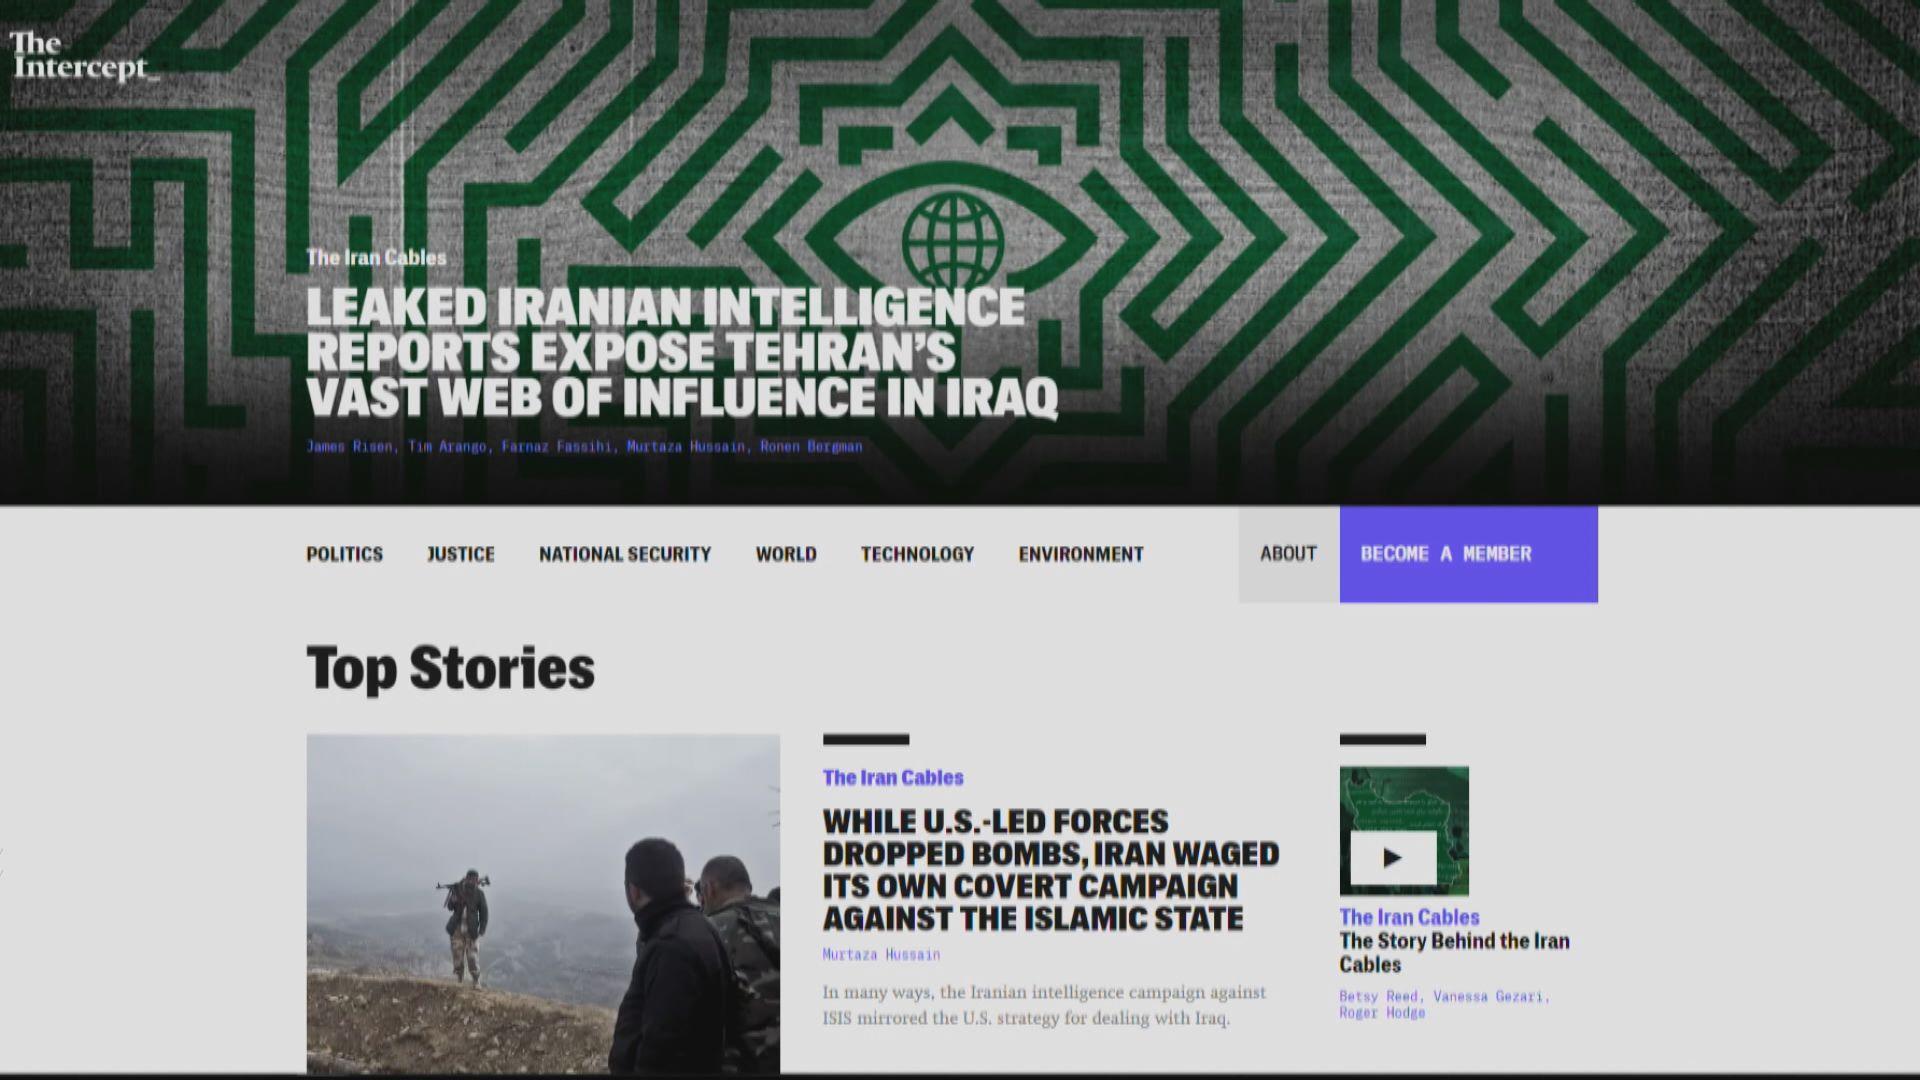 伊朗情報電文外洩顯示其在伊拉克影響力